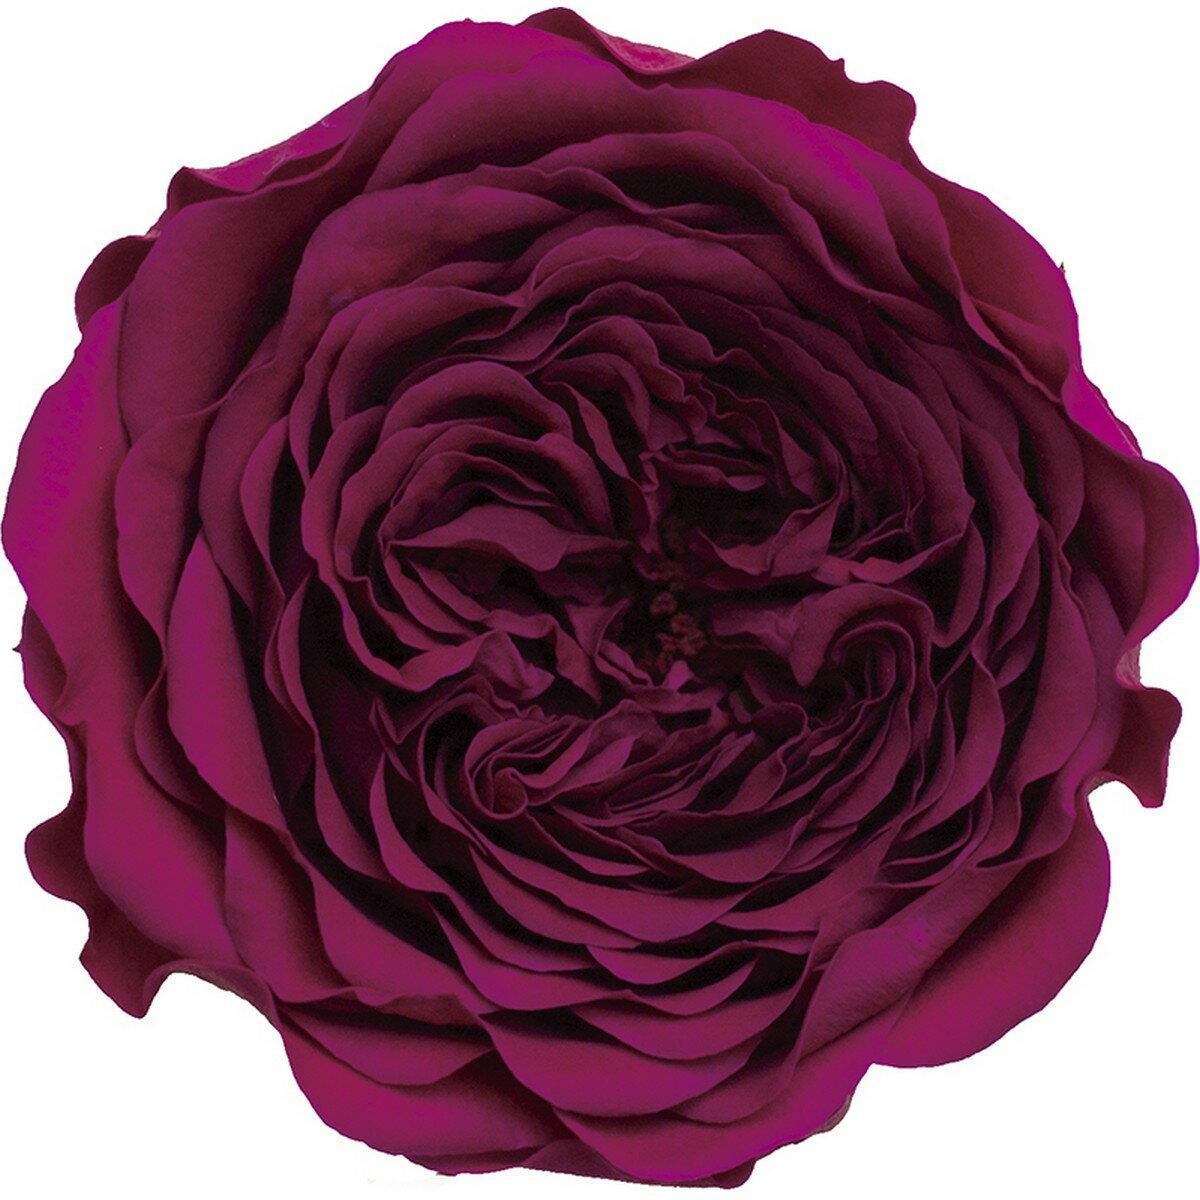 【プリザーブド】アモローサ/クララ 6輪 リッチプラム/1113-52【01】【01】【取寄】《 プリザーブドフラワー プリザーブドフラワー花材 バラ(ローズ) 》